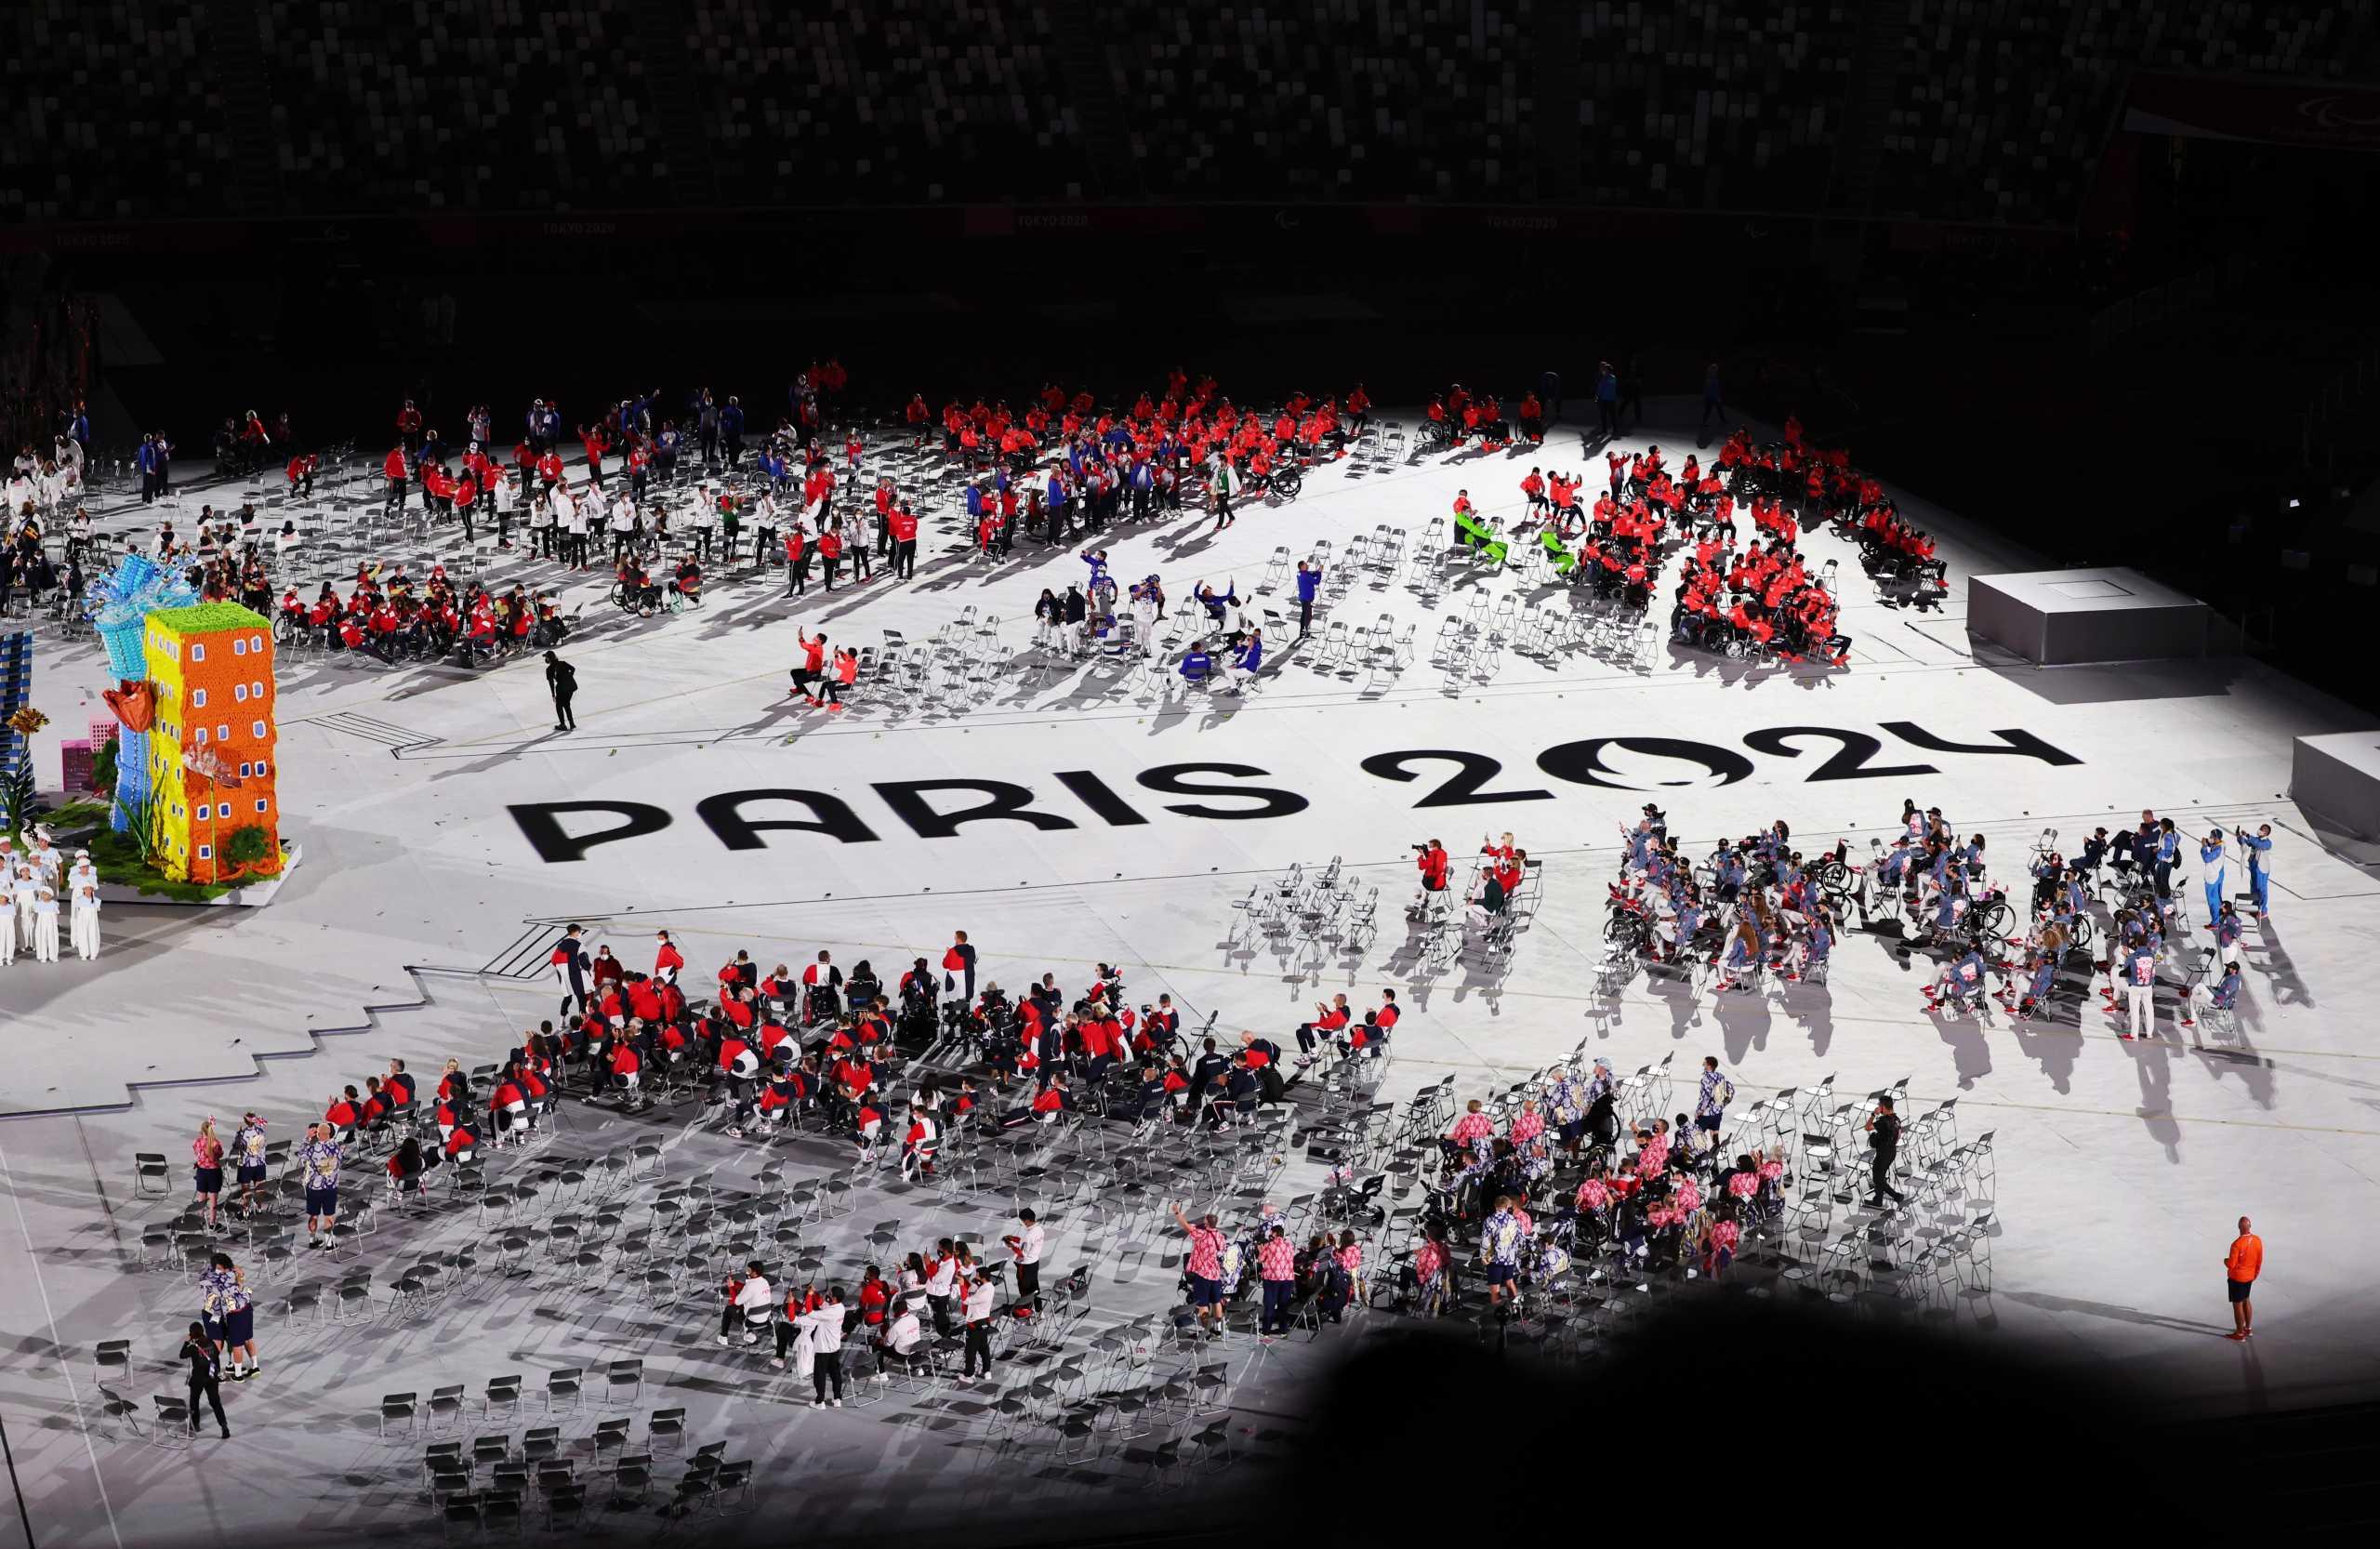 Παραολυμπιακοί Αγώνες: Εντυπωσιακή χορογραφία προμήνυμα για Παρίσι στην τελετή λήξης